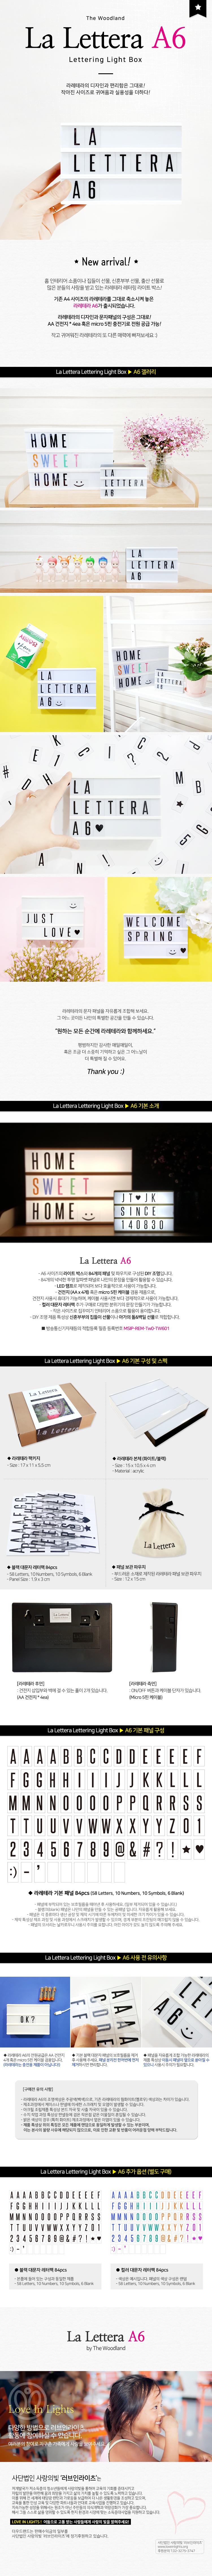 한손에 쏘옥 더 귀엽고 간편해진 La Lettera A6 - 더우드랜드, 23,500원, 장식소품, 이니셜장식/알파벳모형